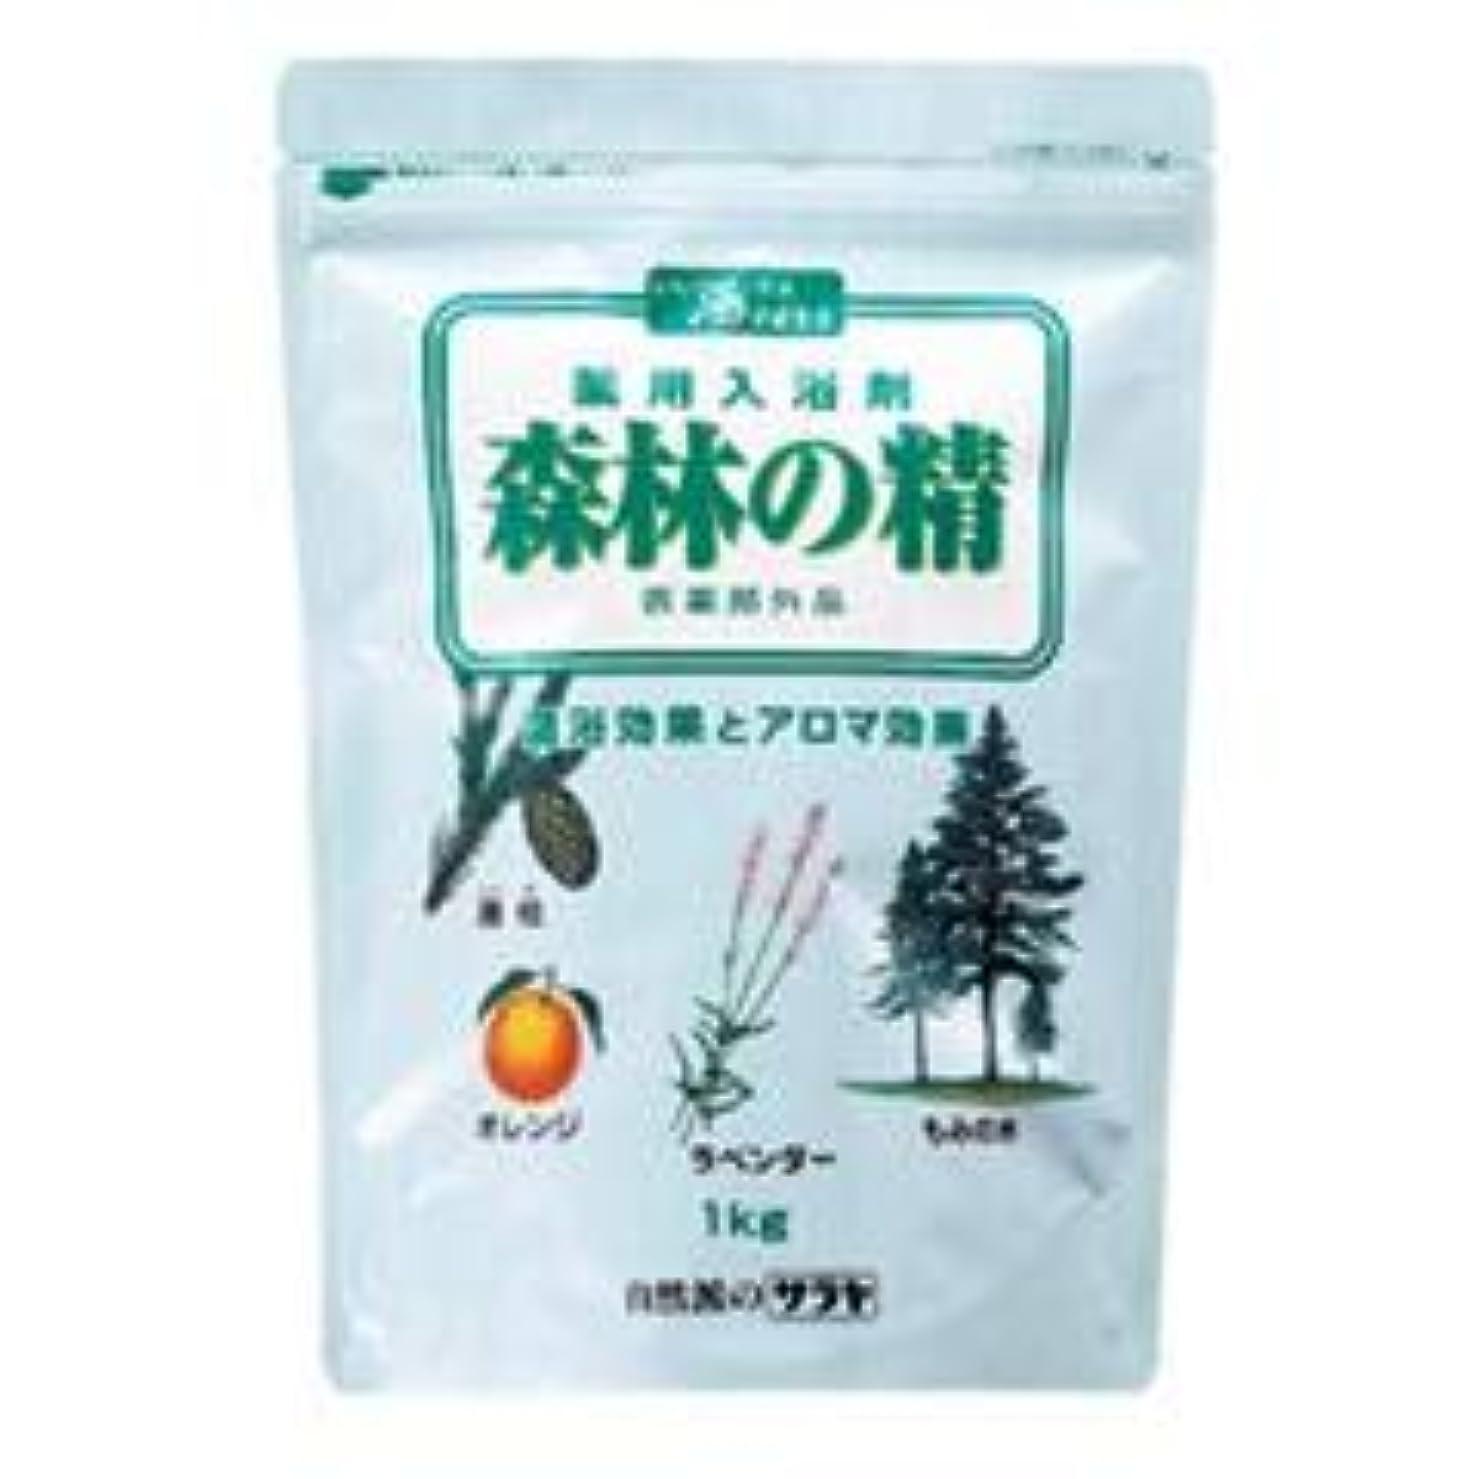 満足できる消える音節サラヤ 薬用入浴剤 森林の精 チャック付 1kg